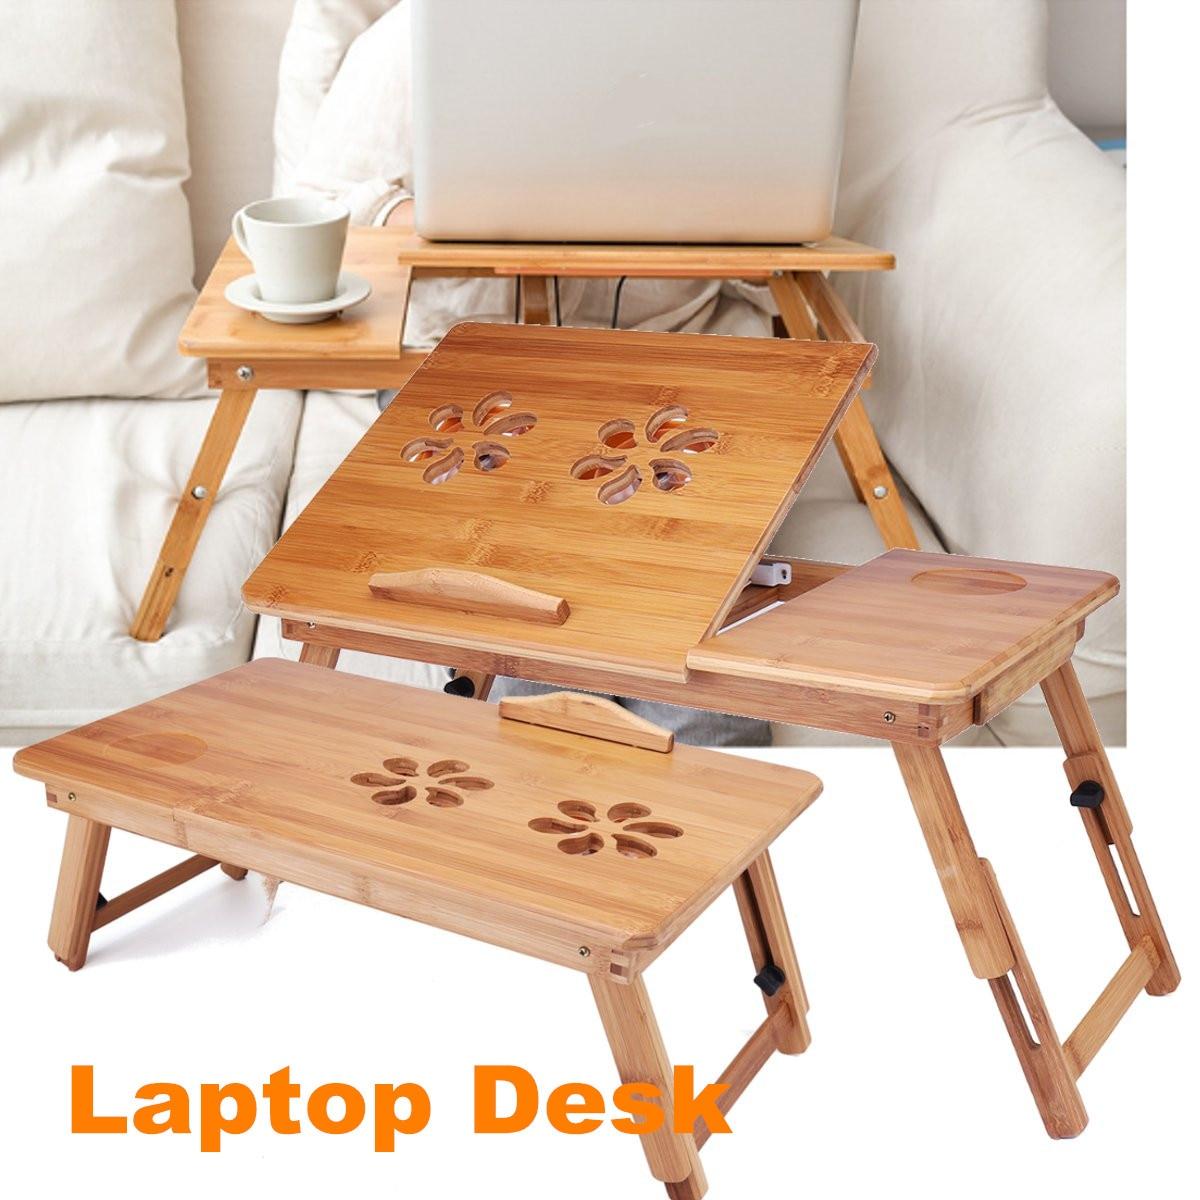 Bambou ordinateur portable bureau lit bureau bureau pliant livre lecture petit déjeuner plateau de service avec trous de refroidissement petit tiroir 2 taille